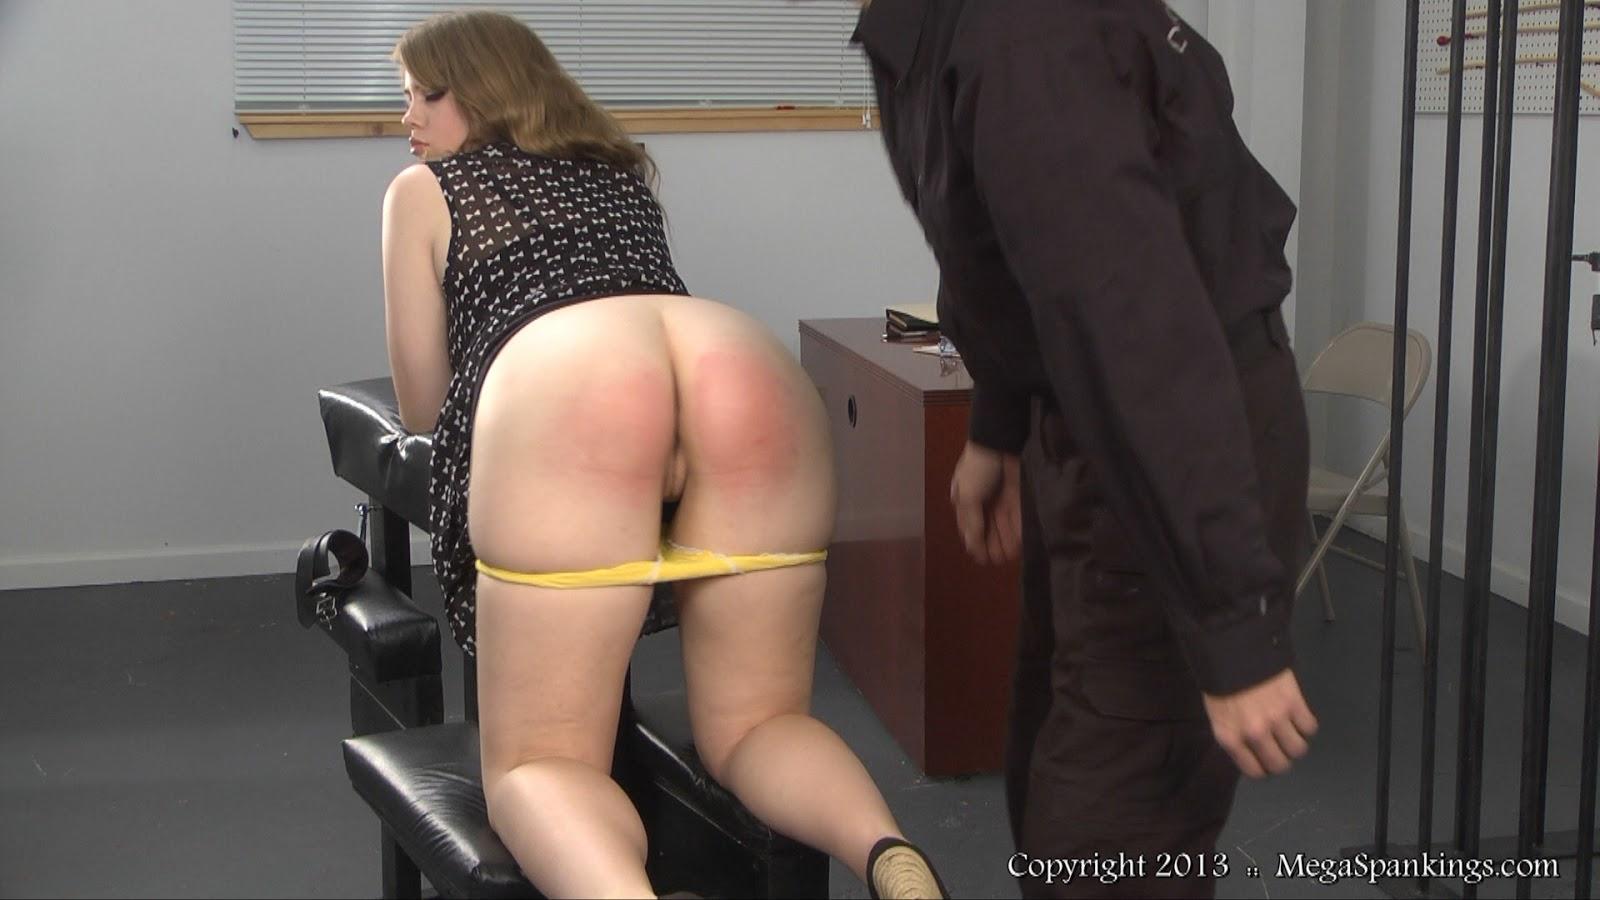 Latina blow job gallery